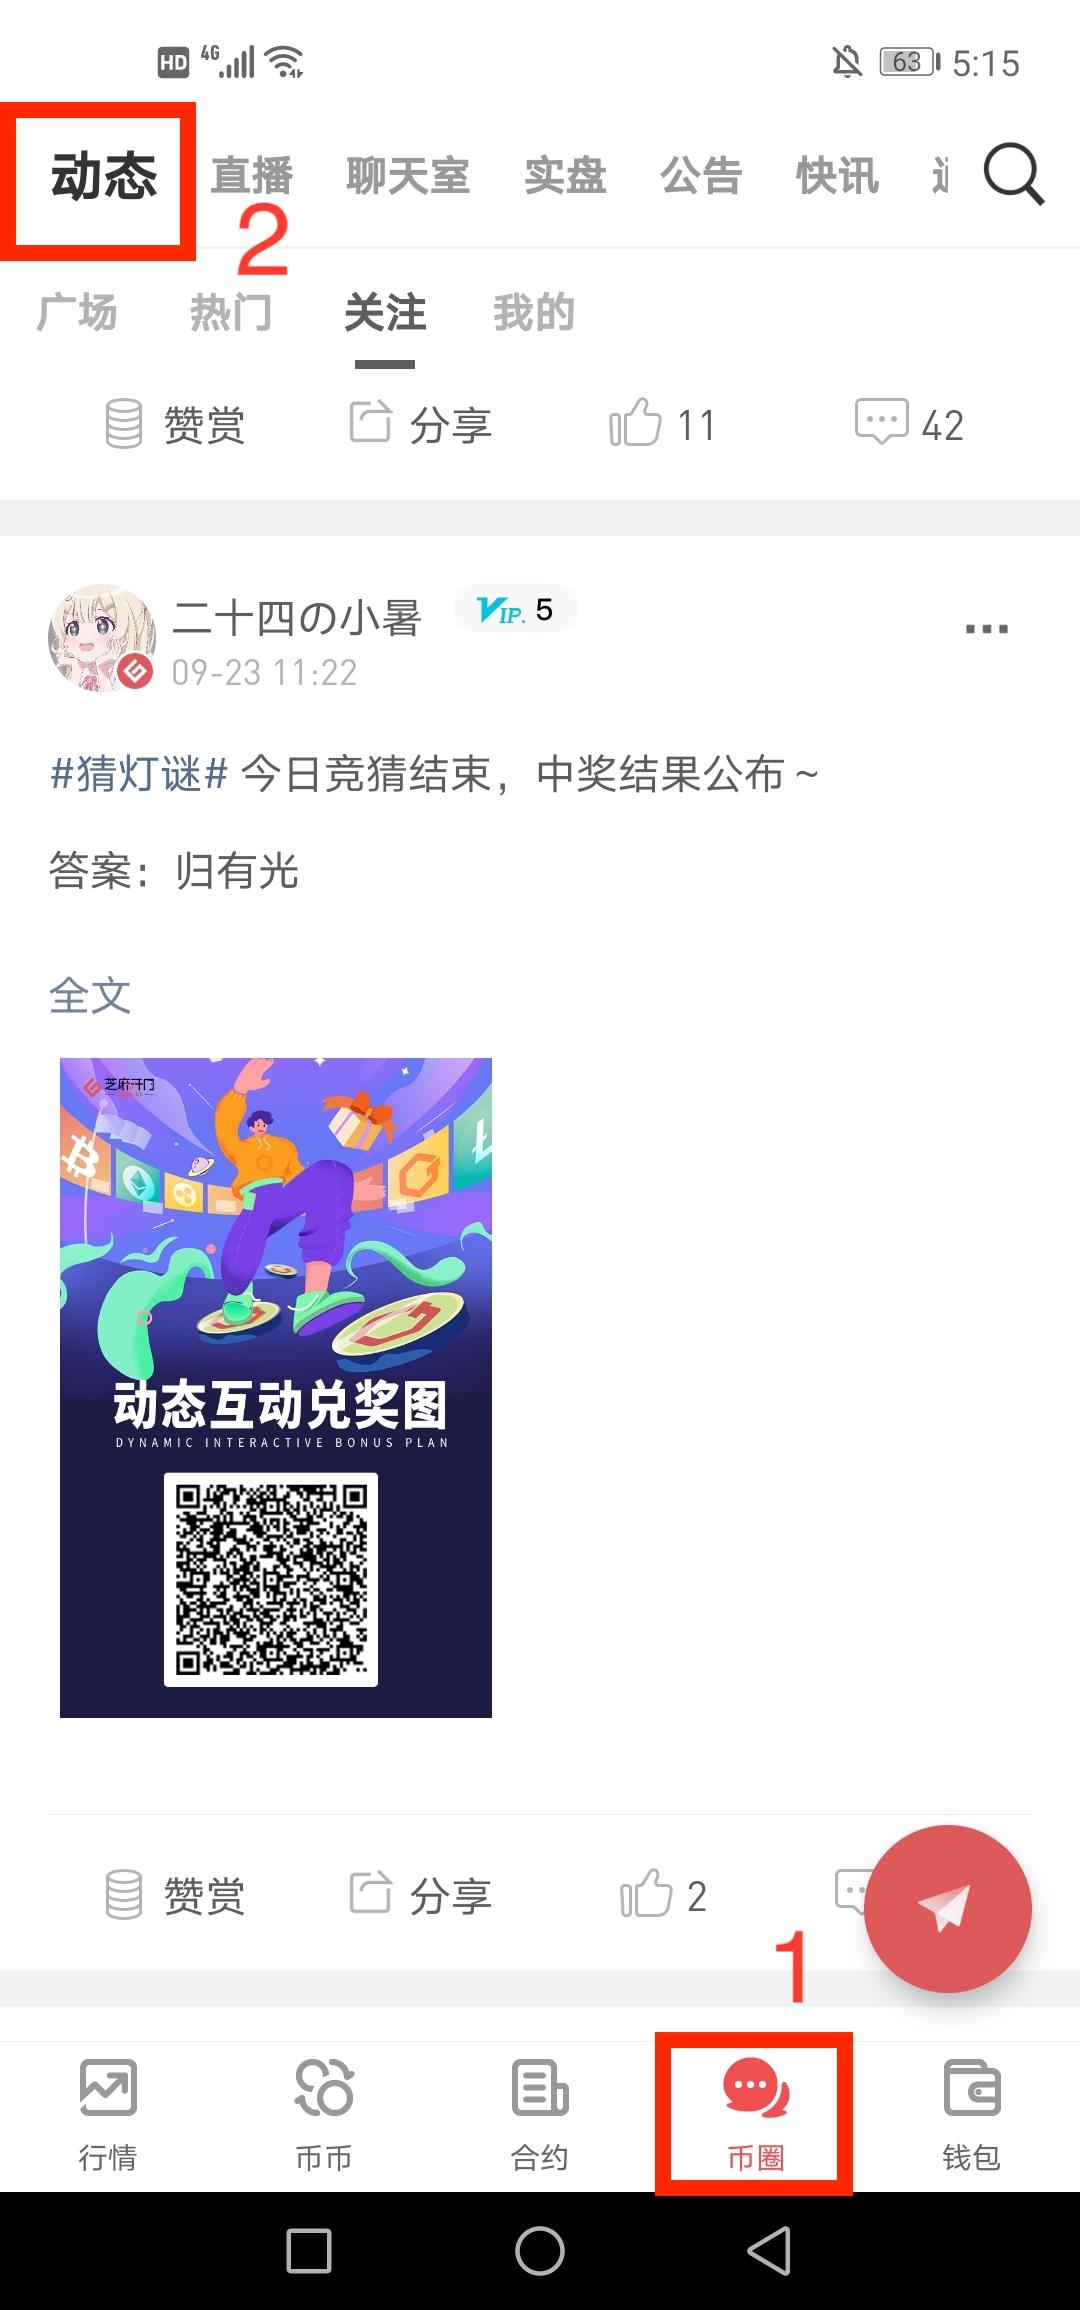 Gate.io比特儿交易所十月金秋互动送好礼活动公告插图1